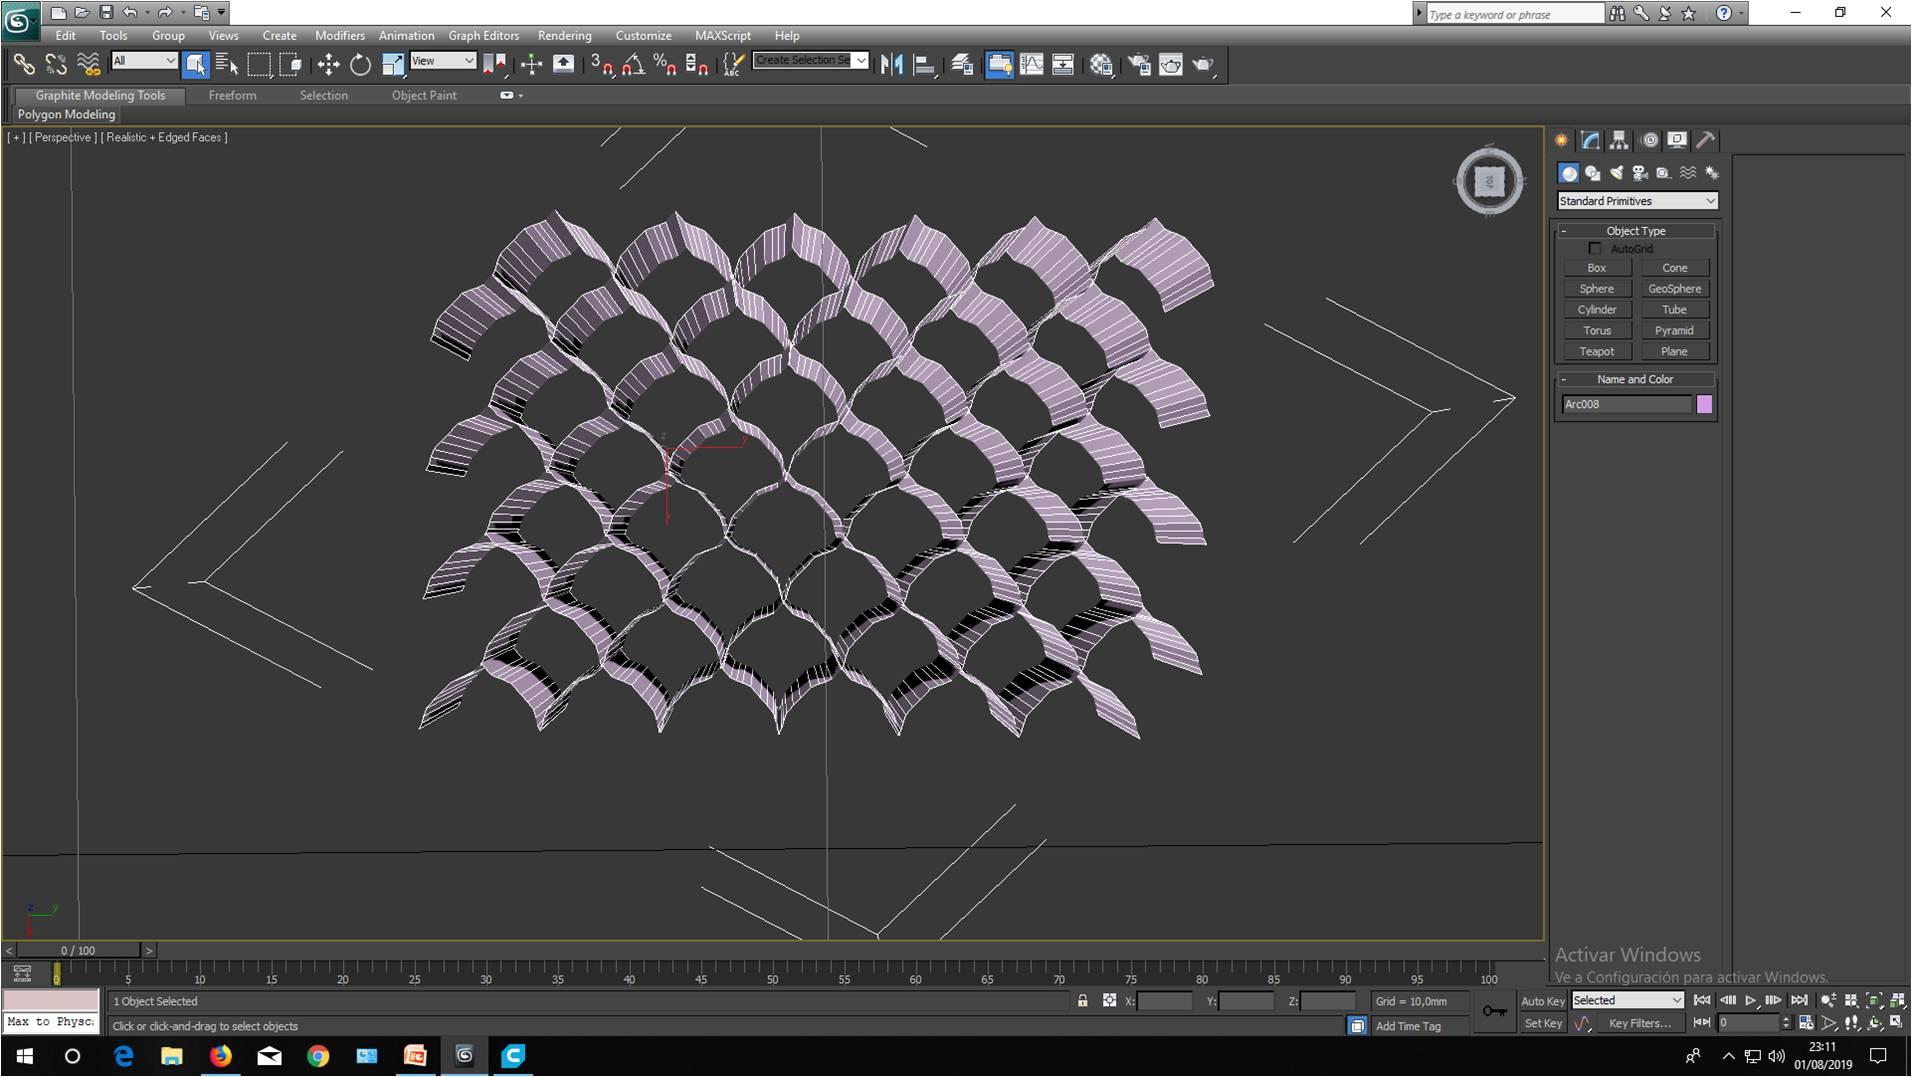 Problema al crear una tela de araña y pasarla a Cura-imagen1.png.jpg